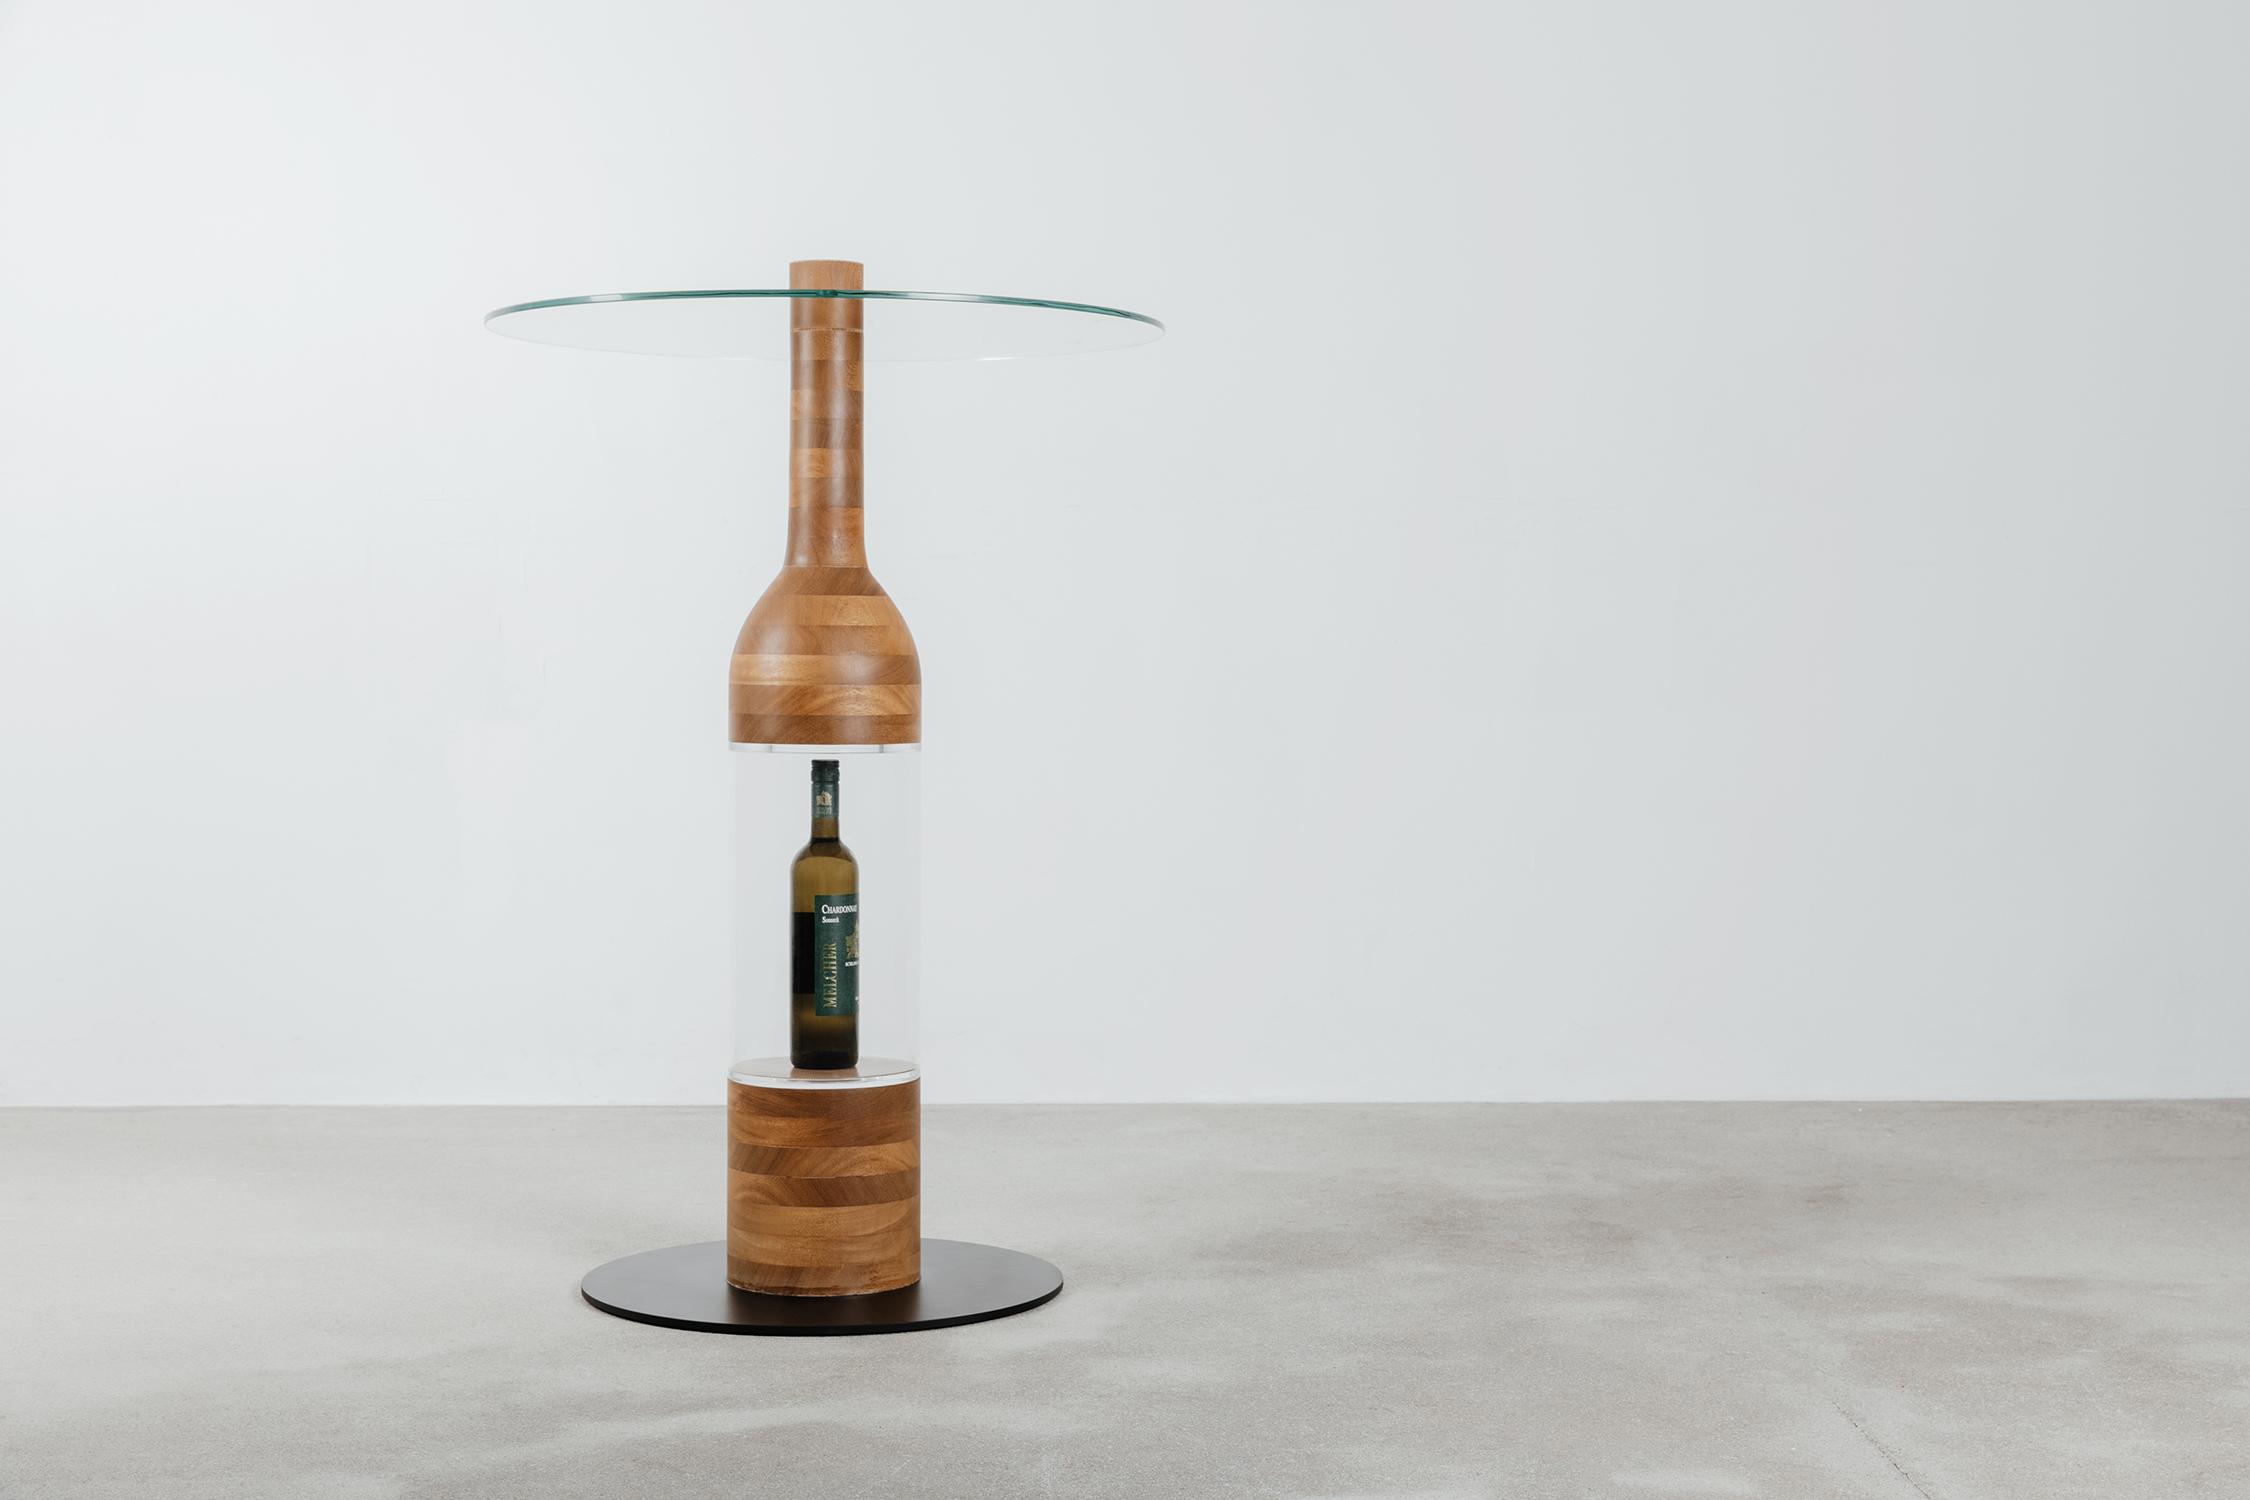 The Wine-Bottletable